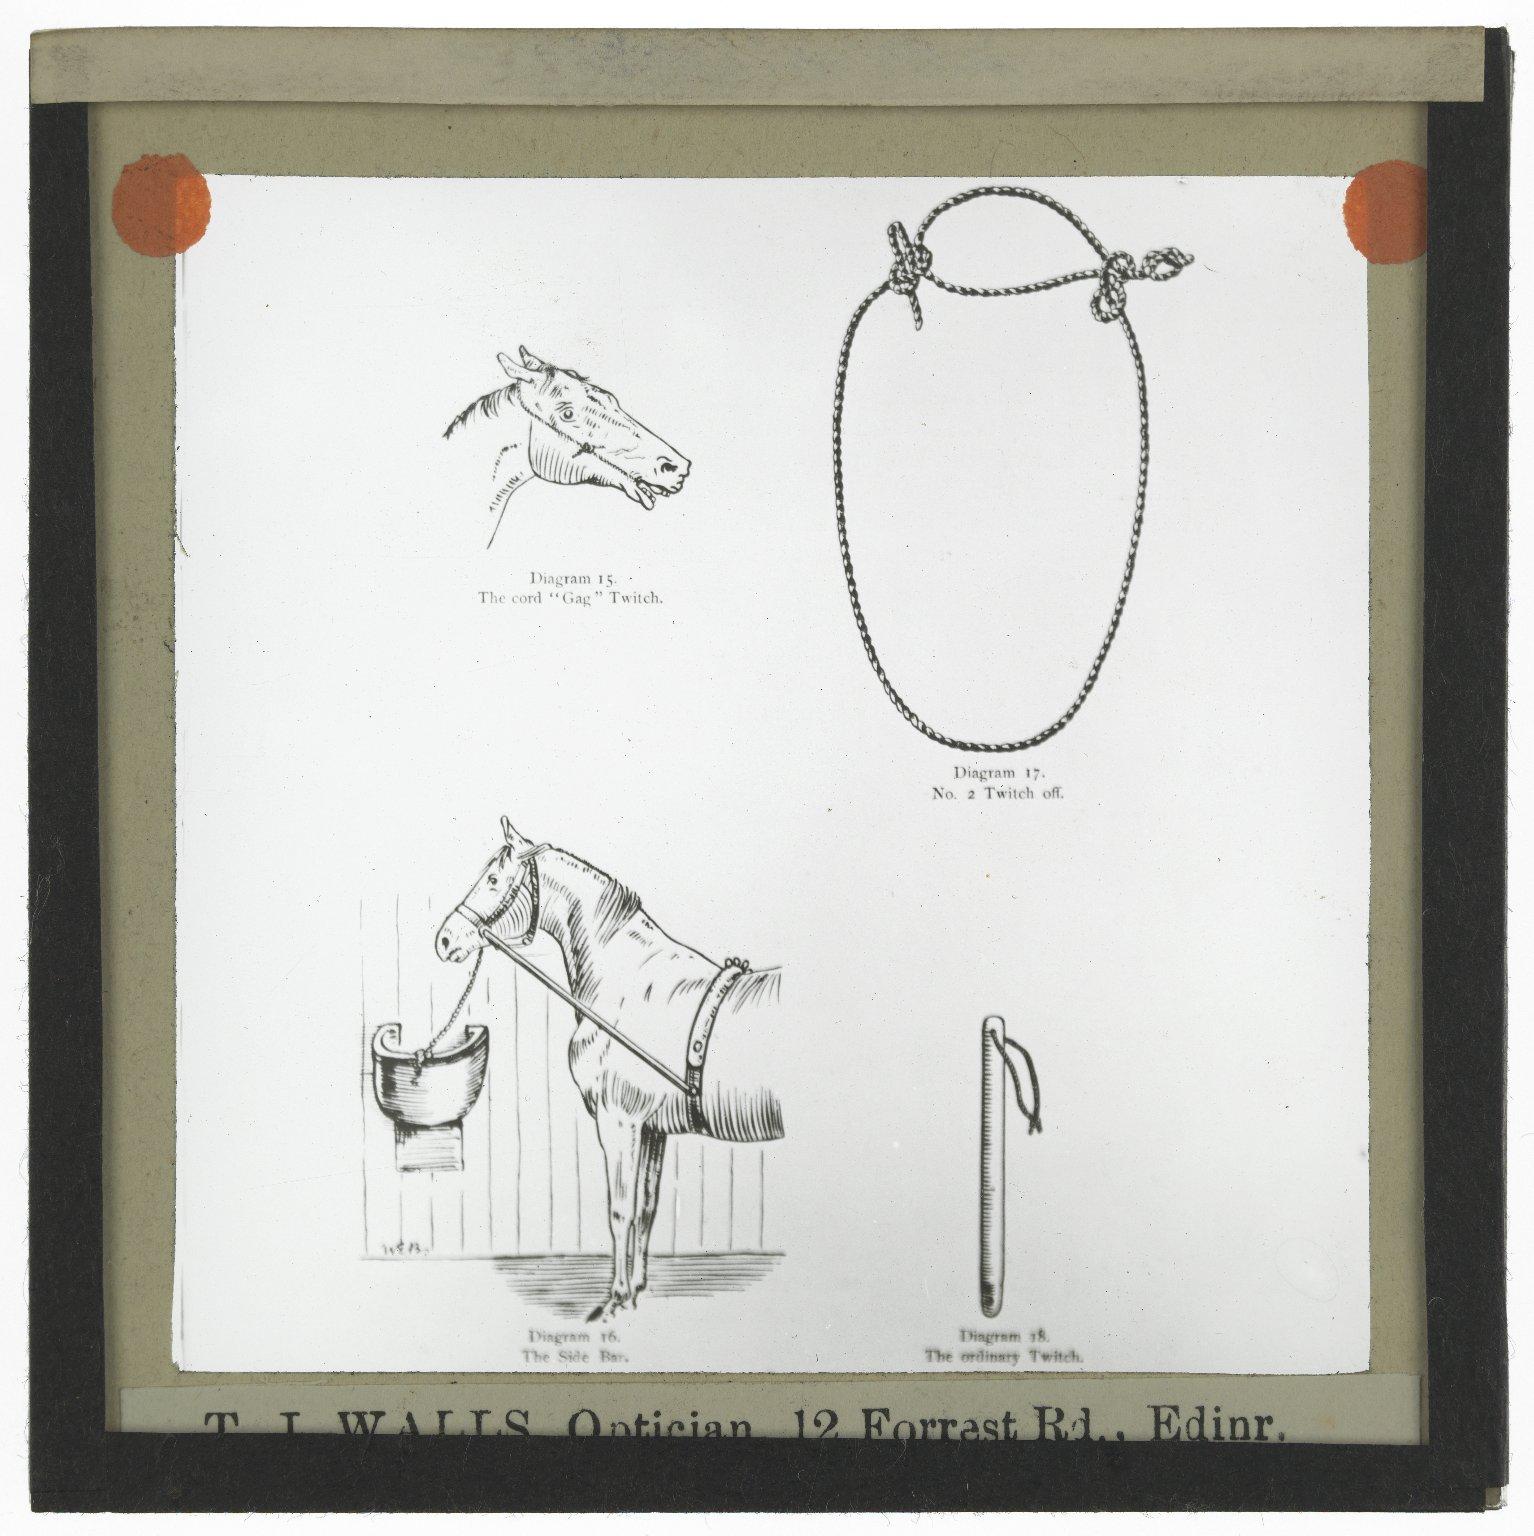 Roslin Glass Slides, No. 2307